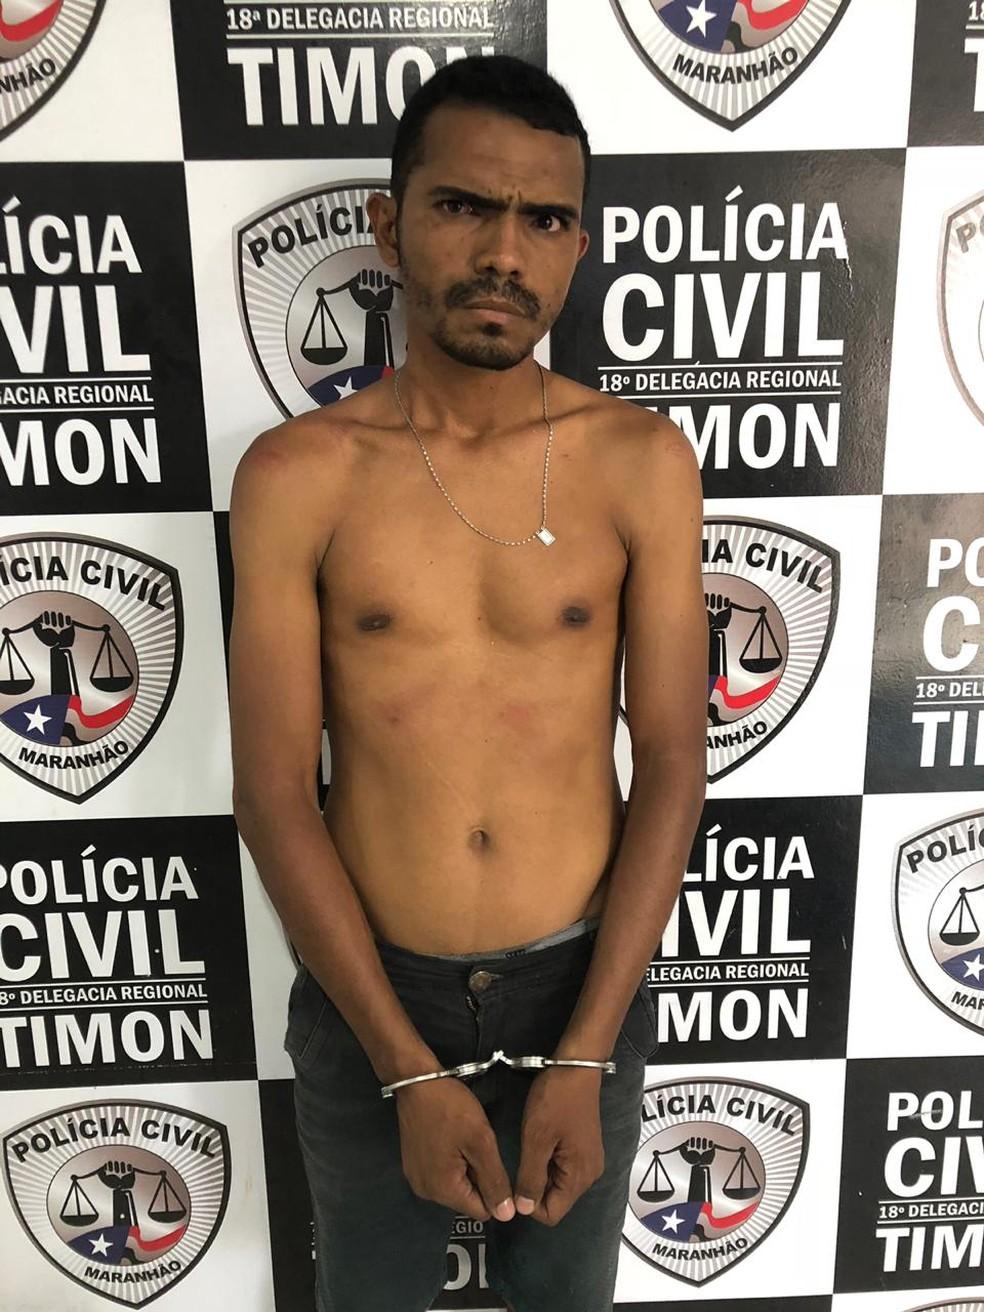 Antônio Sousa Cruz foi preso por ter agredido a sua esposa em Caxias — Foto: Divulgação/Polícia Civil